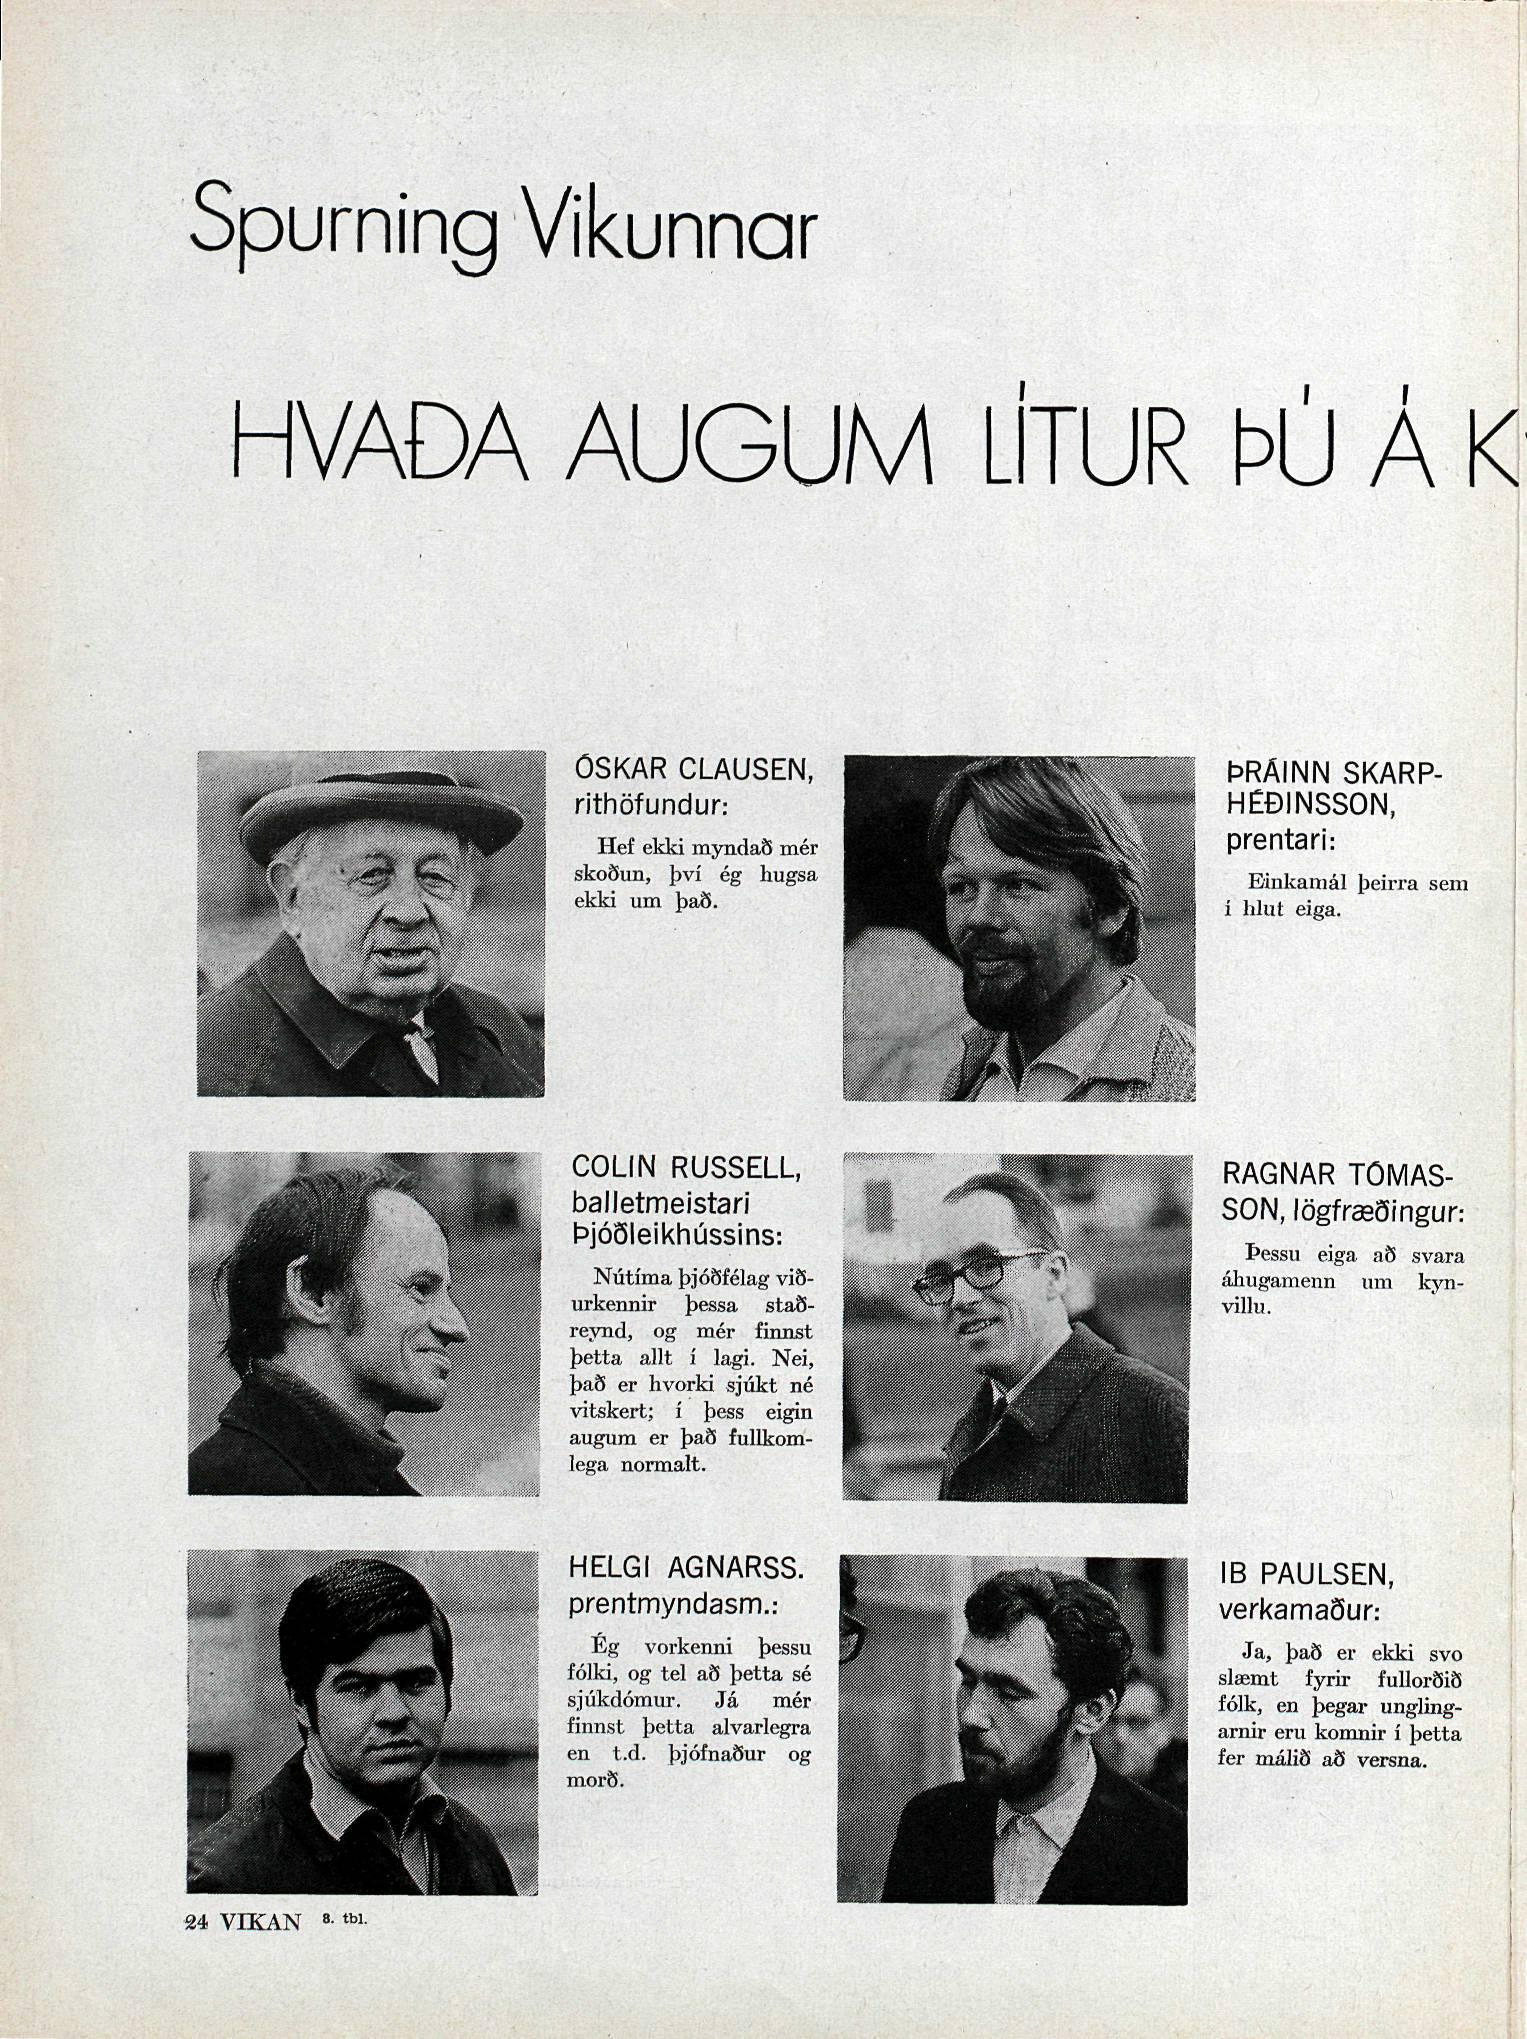 1970 kynvilla